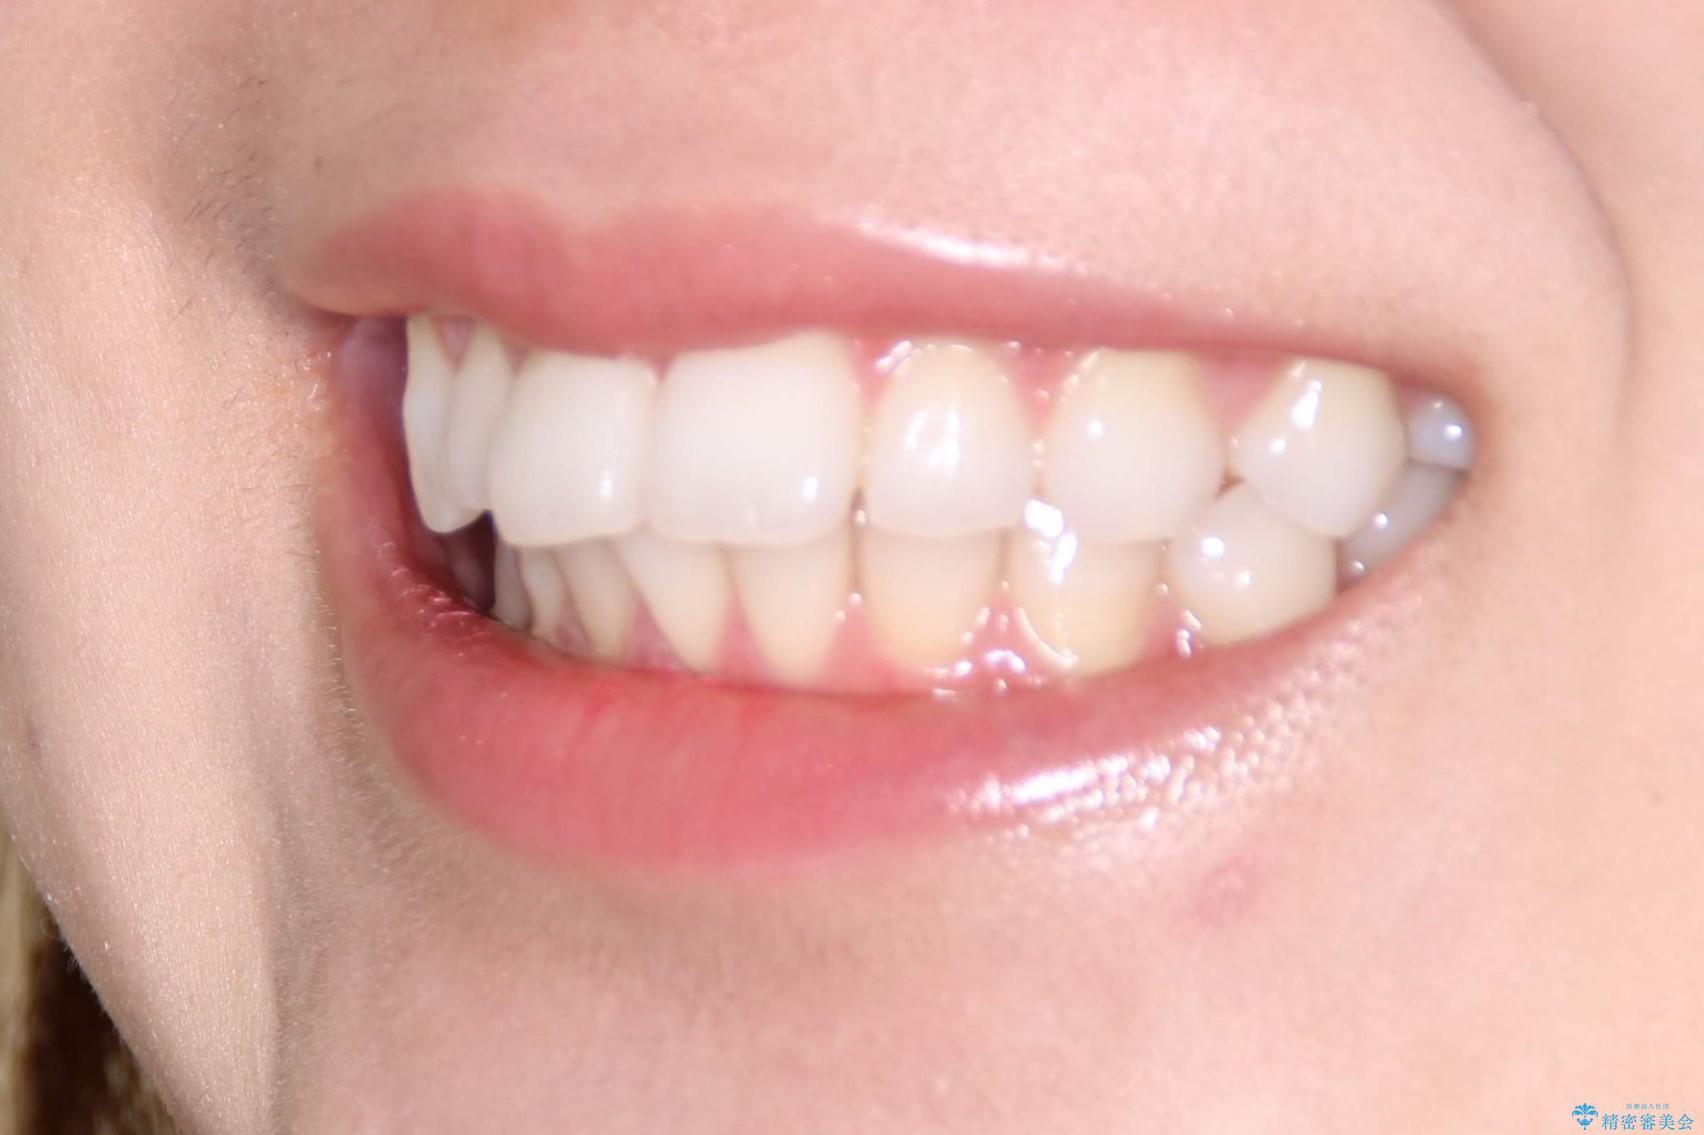 インビザラインで出っ歯を改善する 抜歯をしないinvisalign治療の治療前(顔貌)